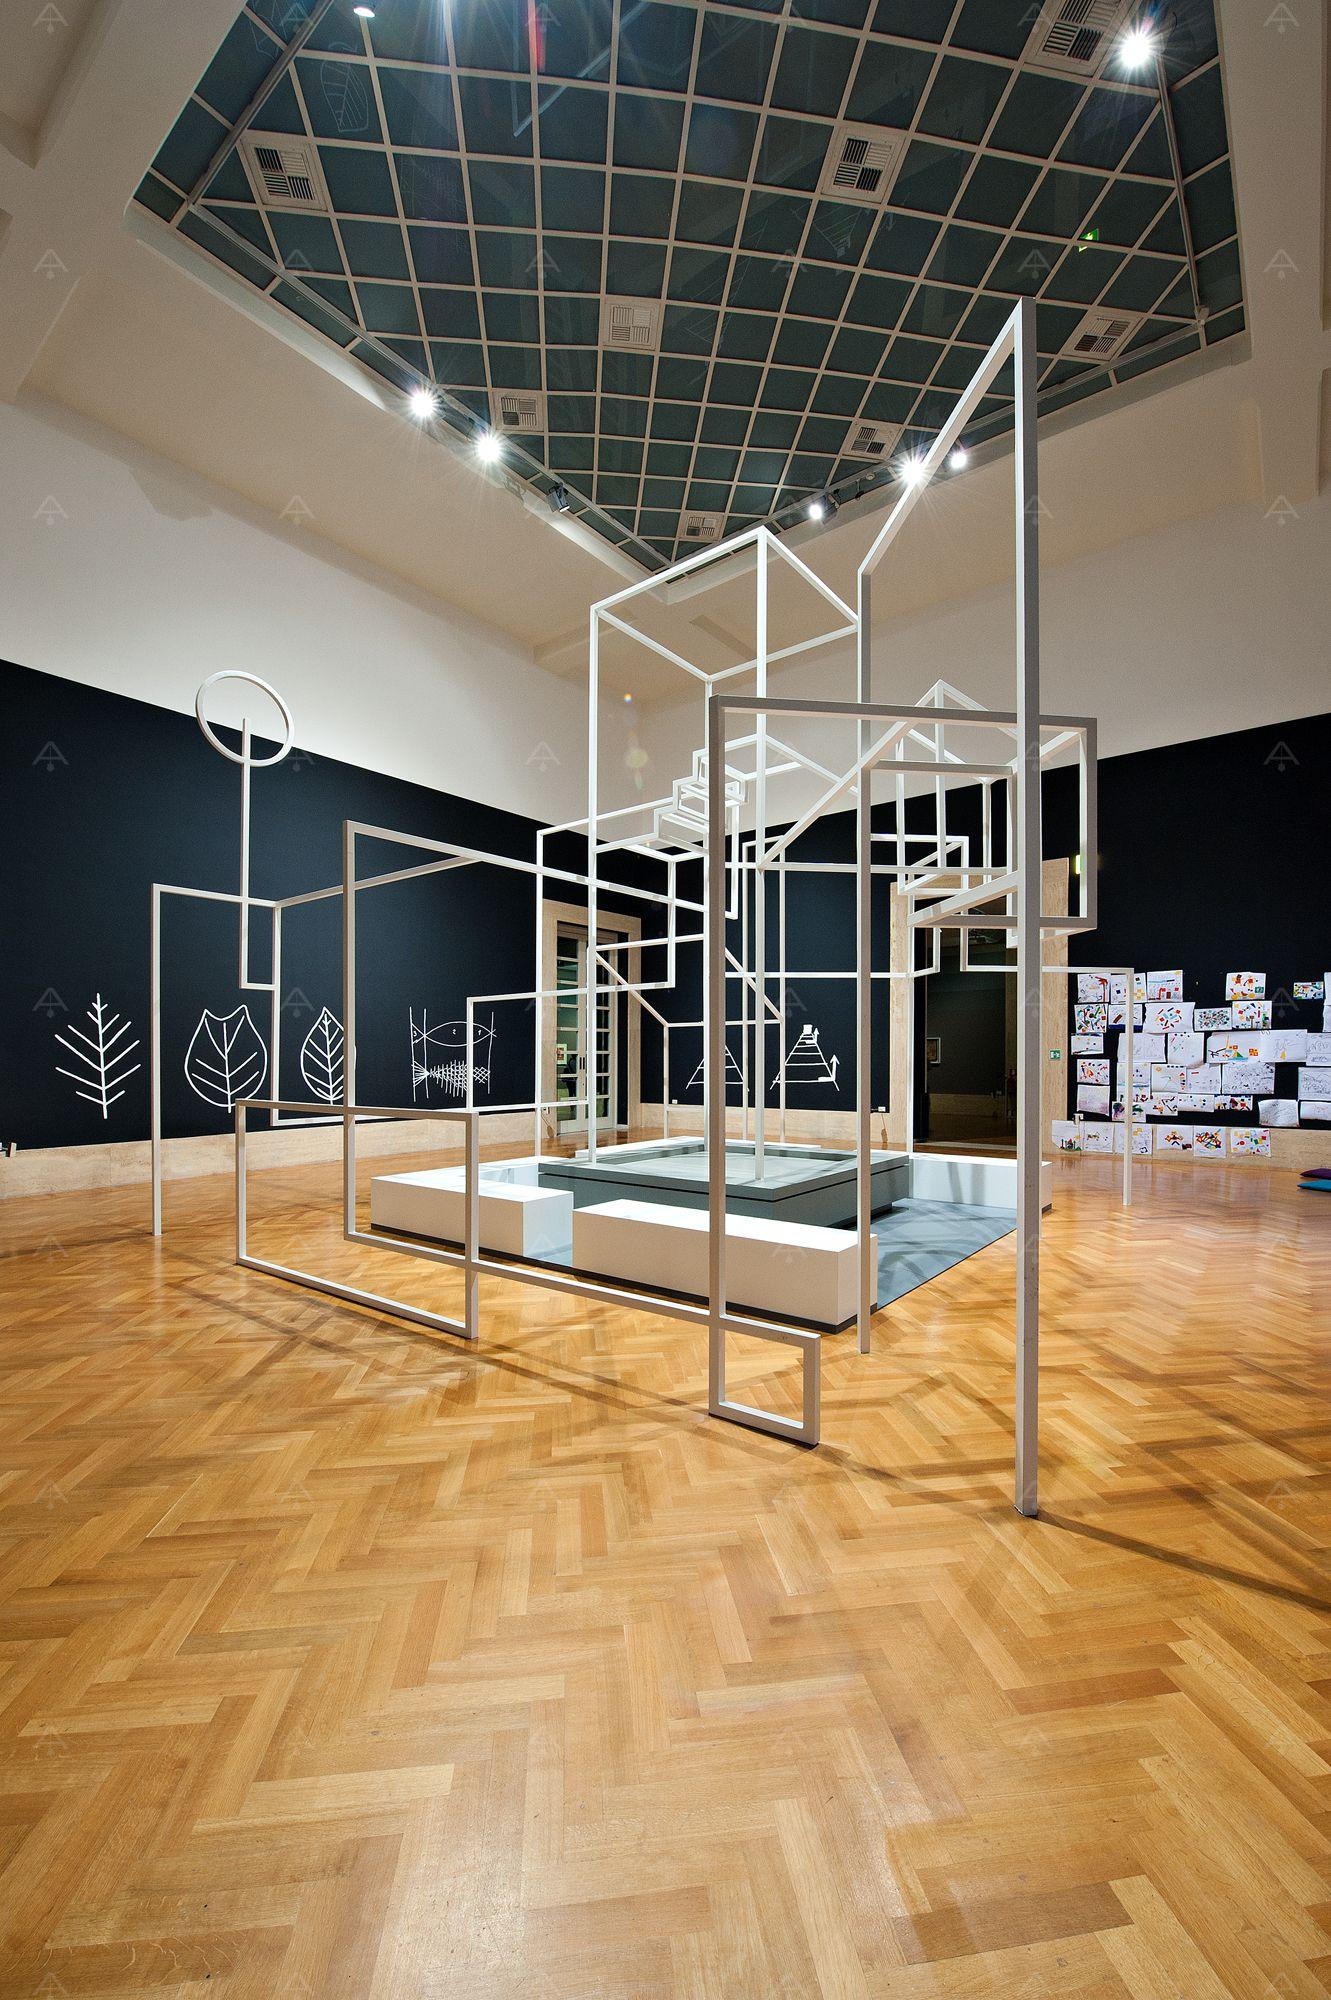 La struttura-installazione, concepita dall'arch. Federico Lardera al centro dello spazio didattico, rappresenta la trasposizione tridimensionale e abitabile di un borgo italiano tratto dai disegni di Paul Klee.